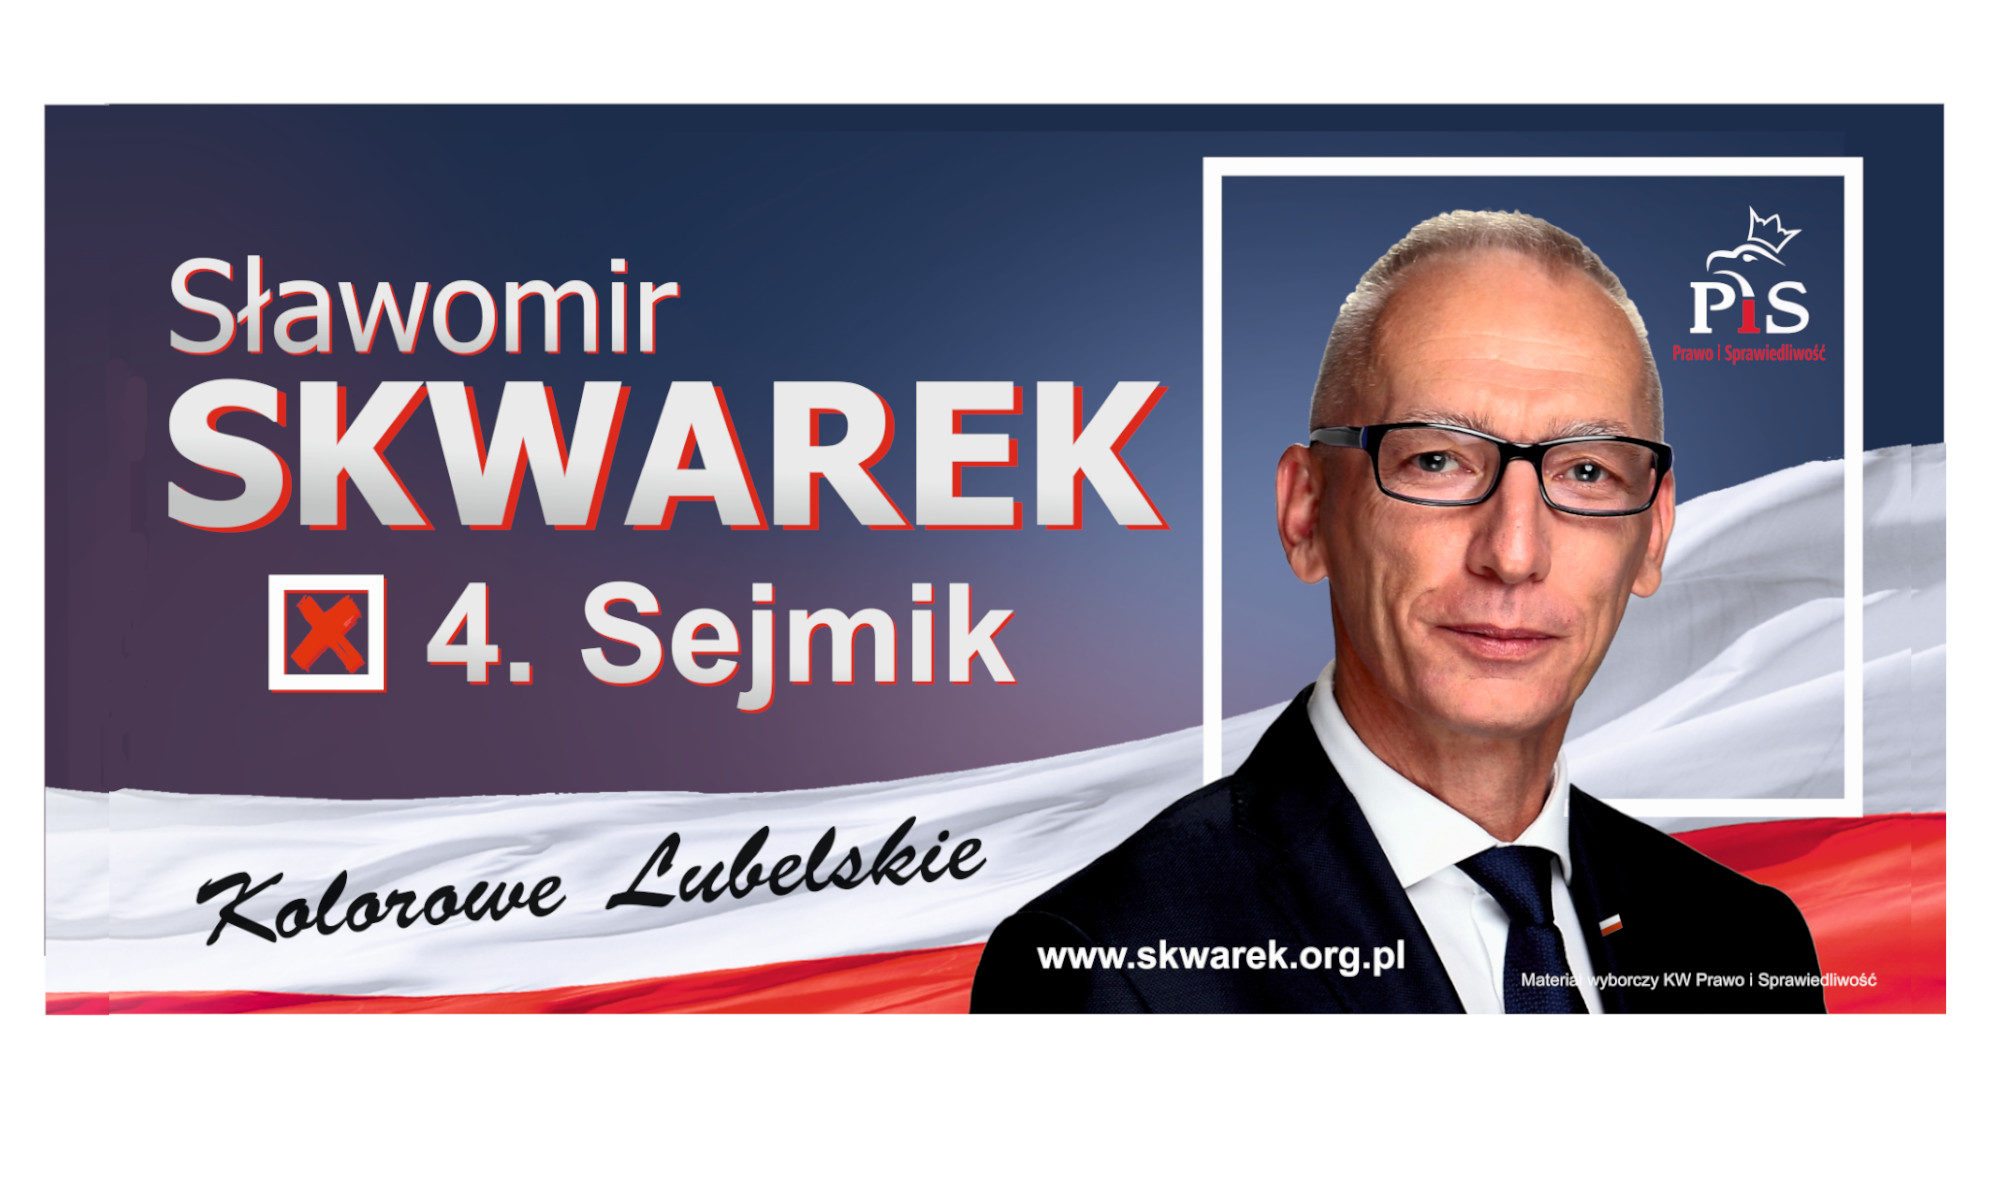 Sławomir Skwarek